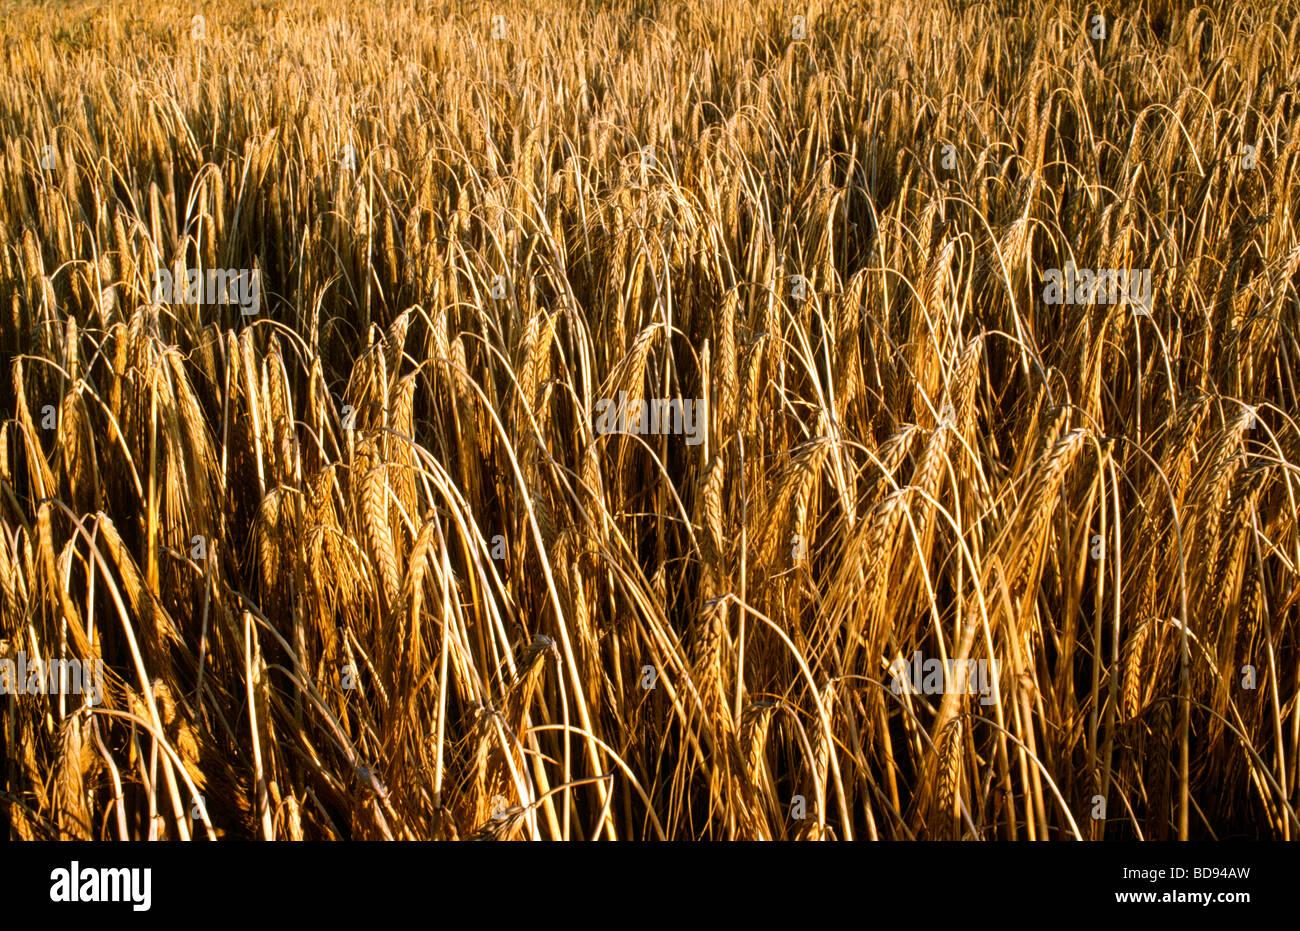 Un champ de blé CHAMP DE BLÉ Photo Stock